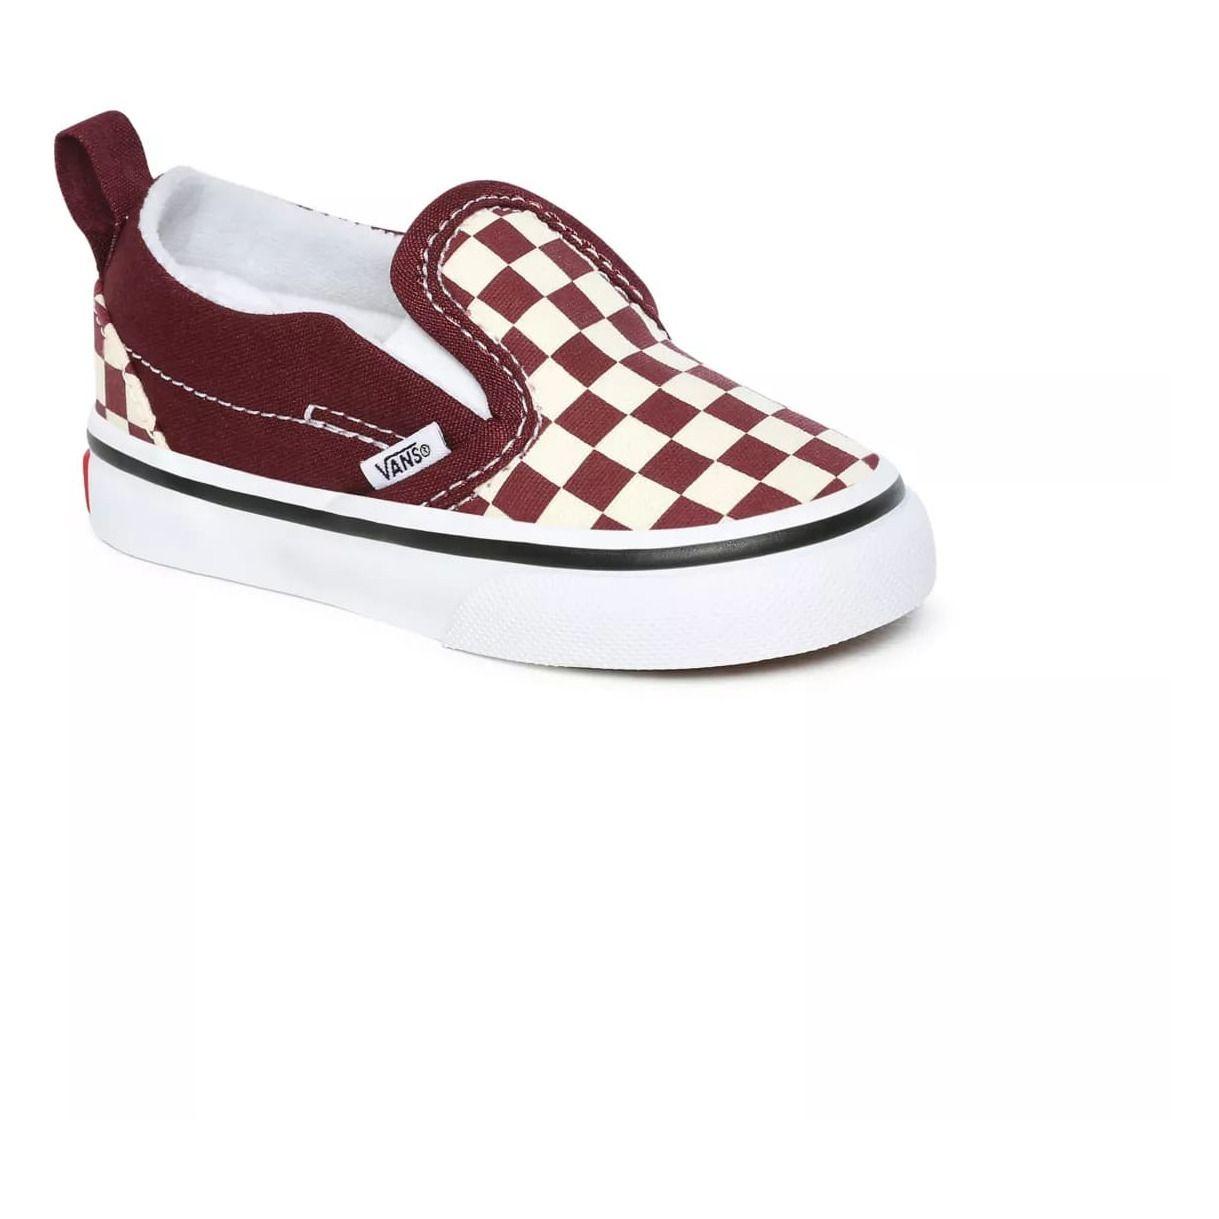 Sneakers Burgundy Vans Shoes Baby